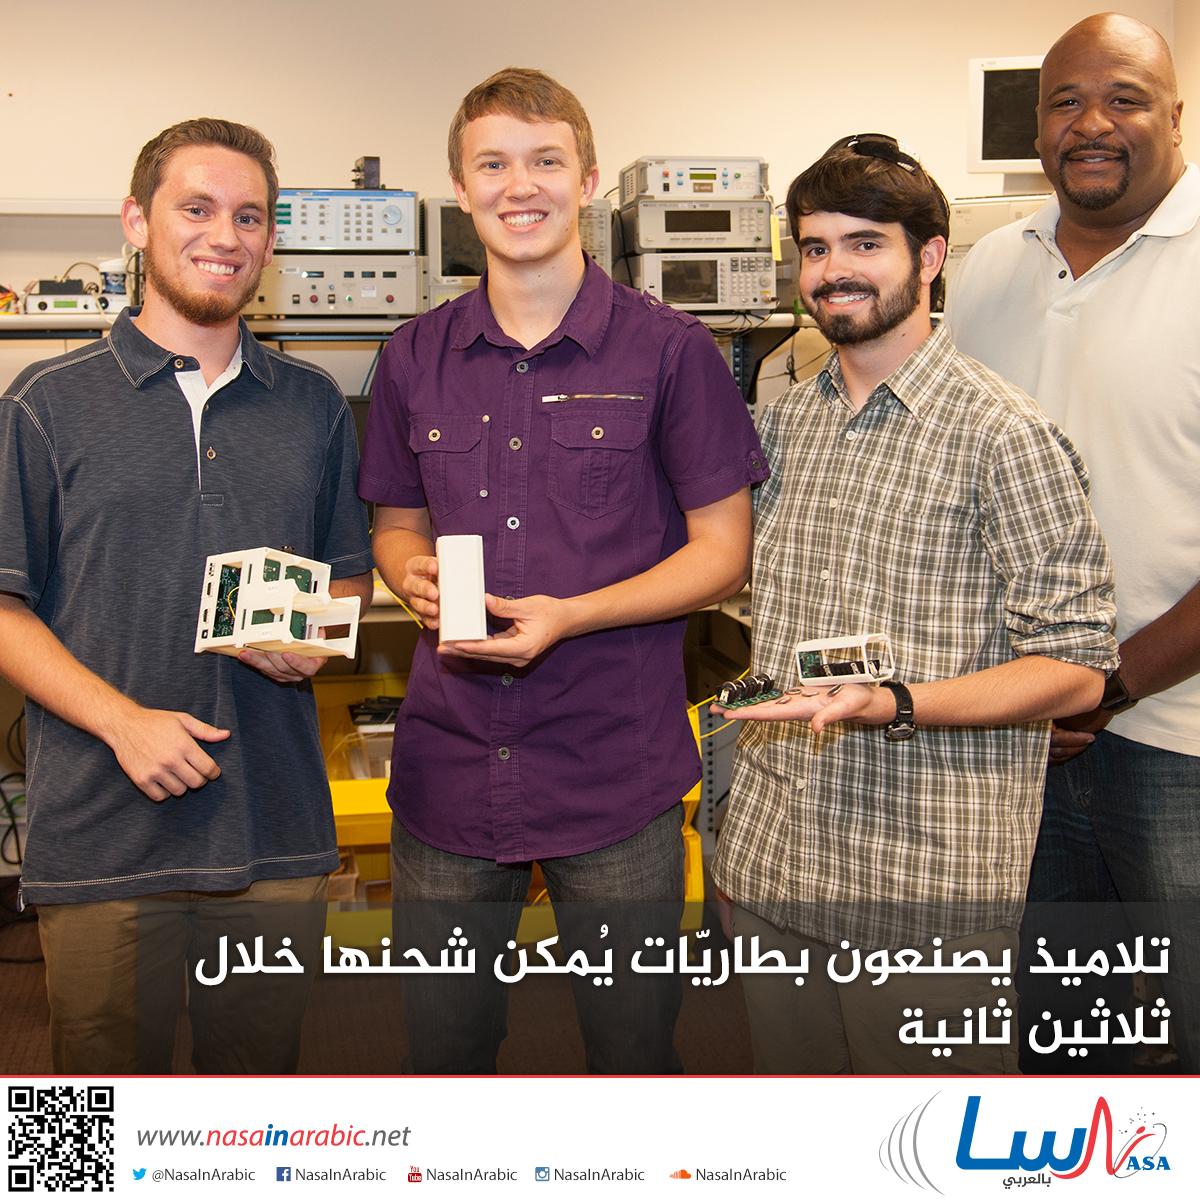 تلاميذ يصنعون بطاريّاتٍ يُمكن شحنها خلال ثلاثين ثانية